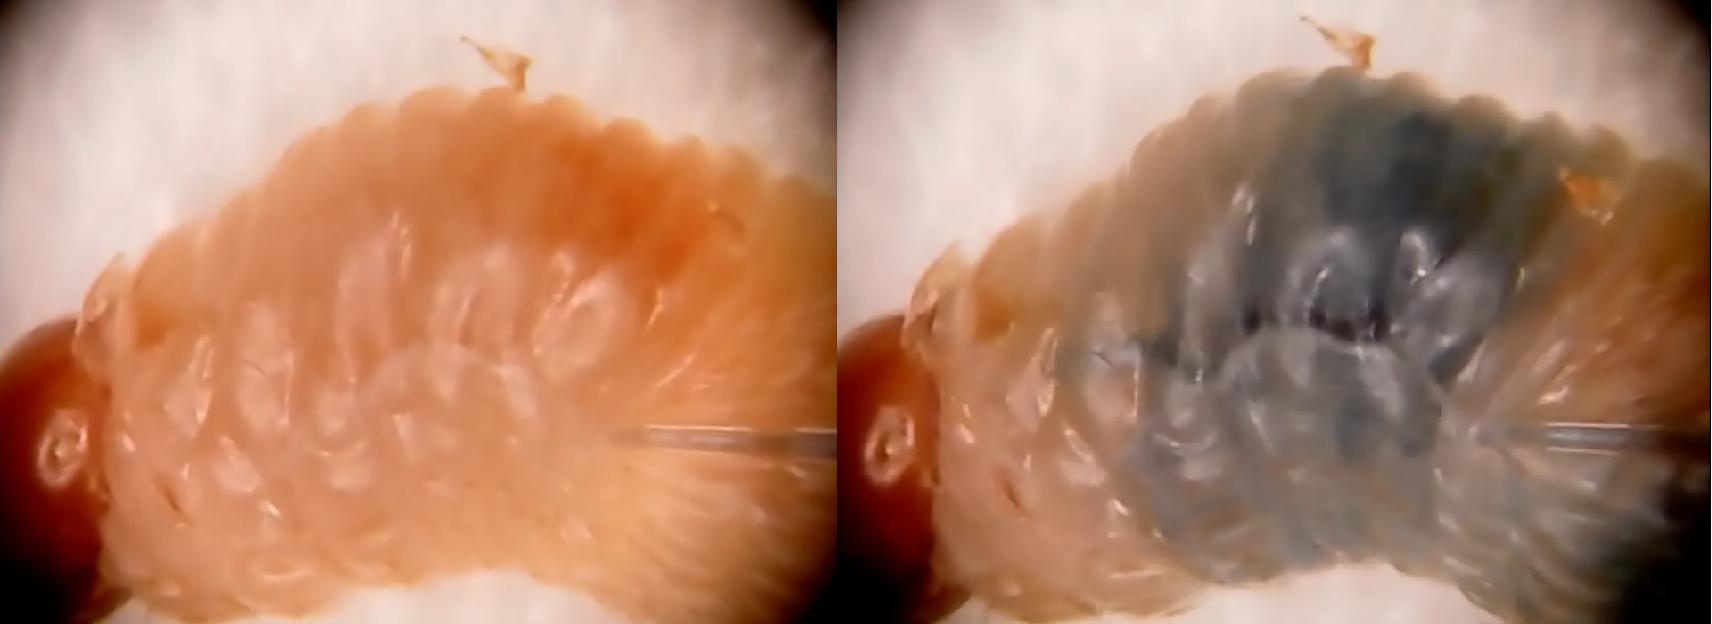 Microinjeção - Qualidade e solidez de resultados